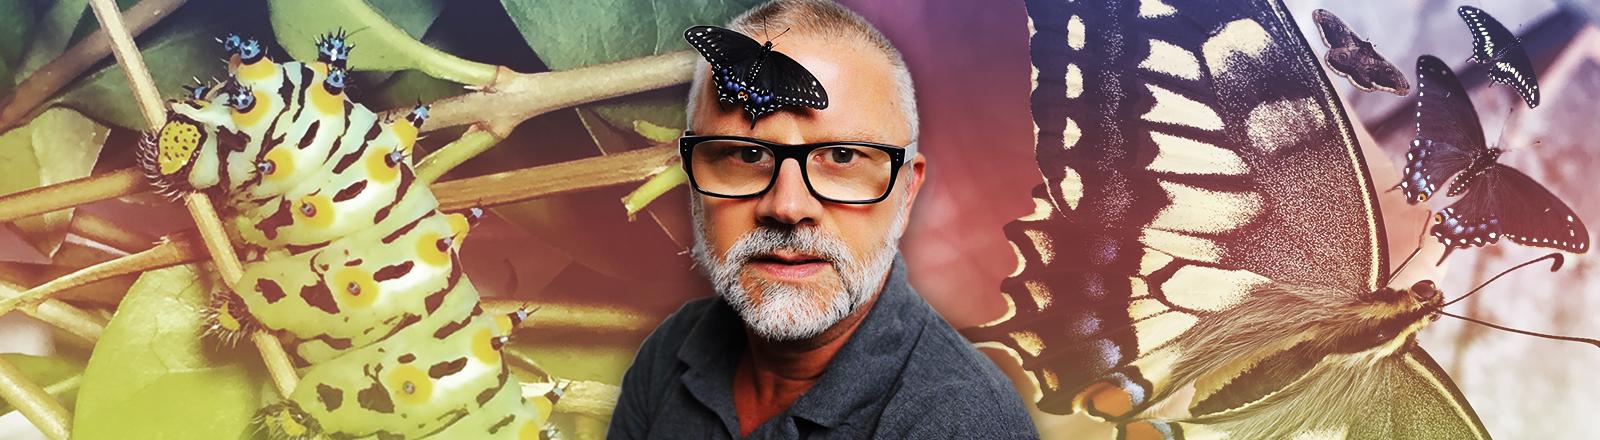 Schriftsteller Peter Henning hat einen Schmetterling auf seinem Kopf sitzen.